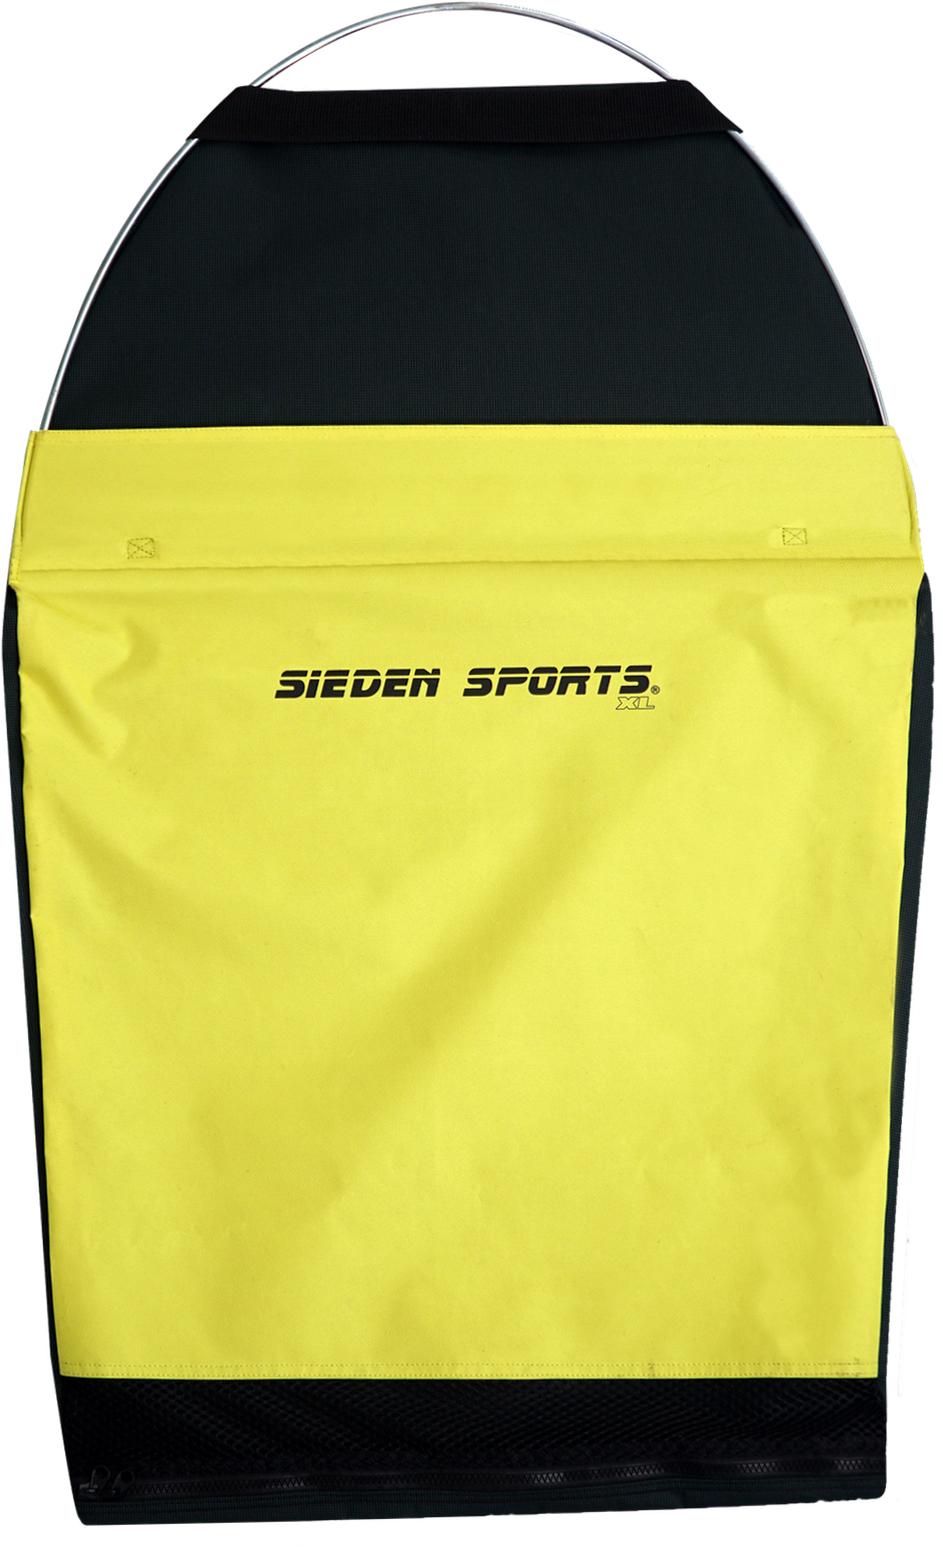 Siedensports Single Handed Game Bag XL